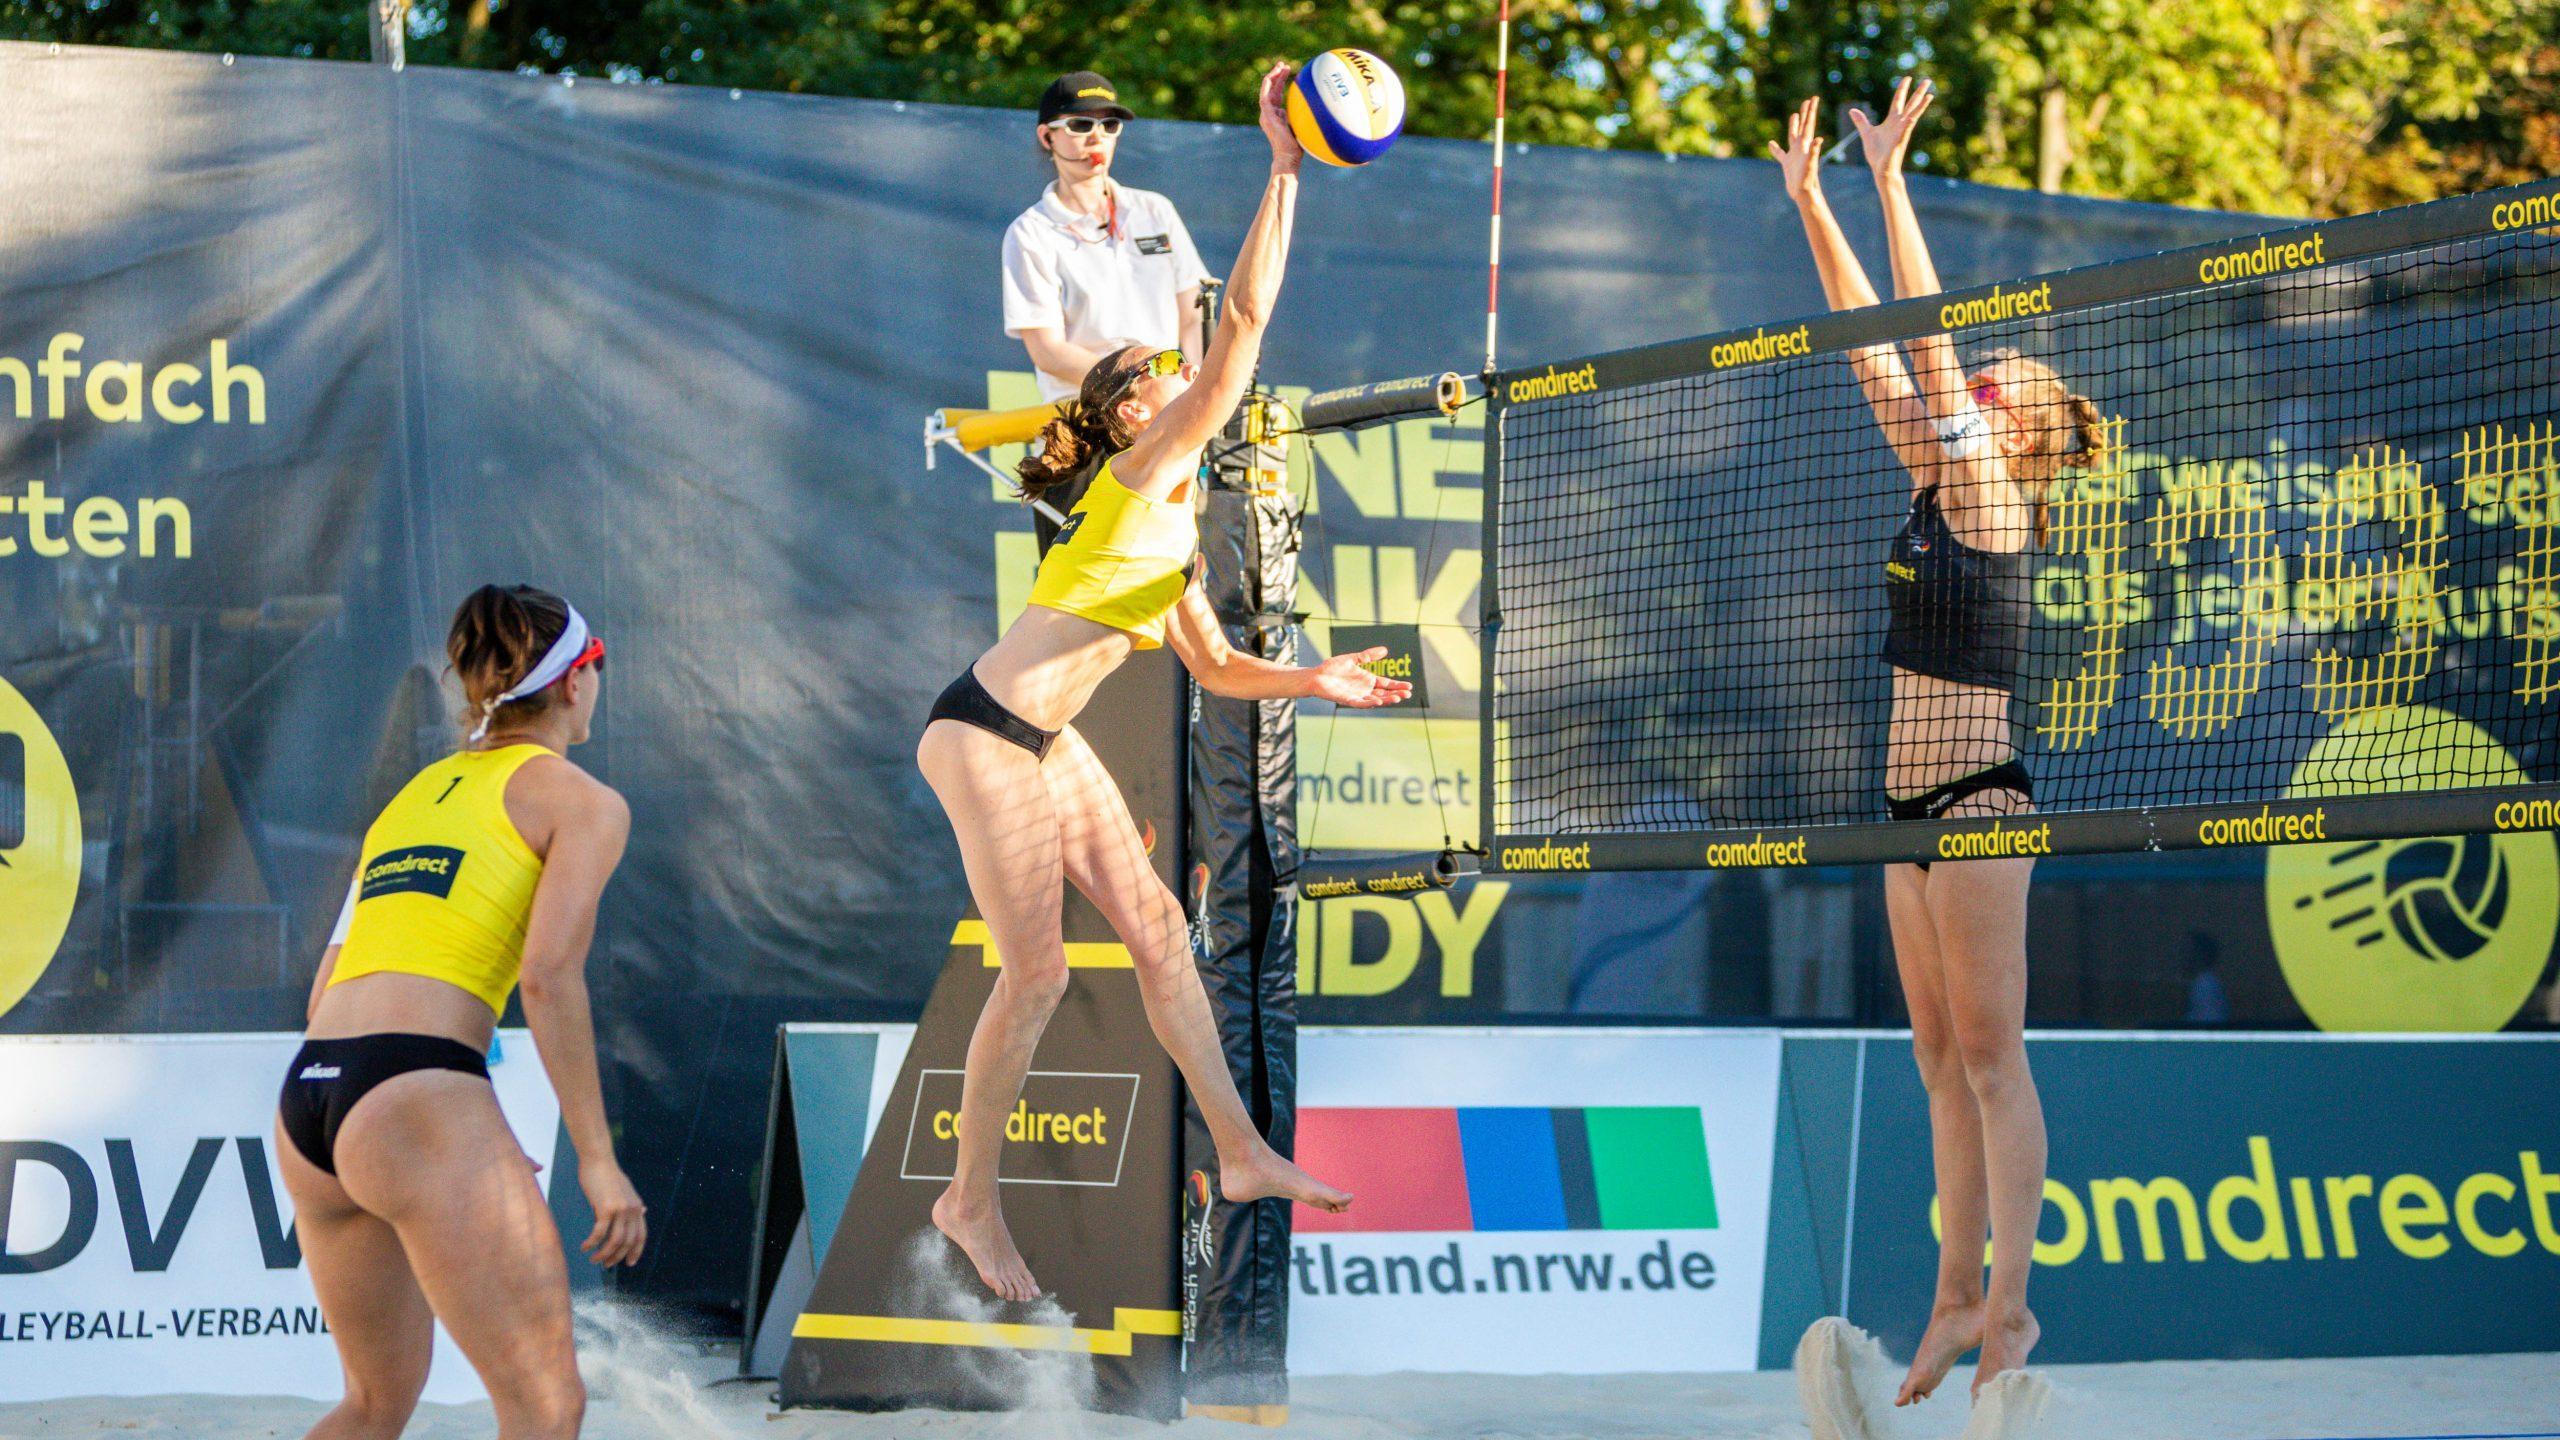 Beachvolleyball-Elite sucht ihre neuen Meister